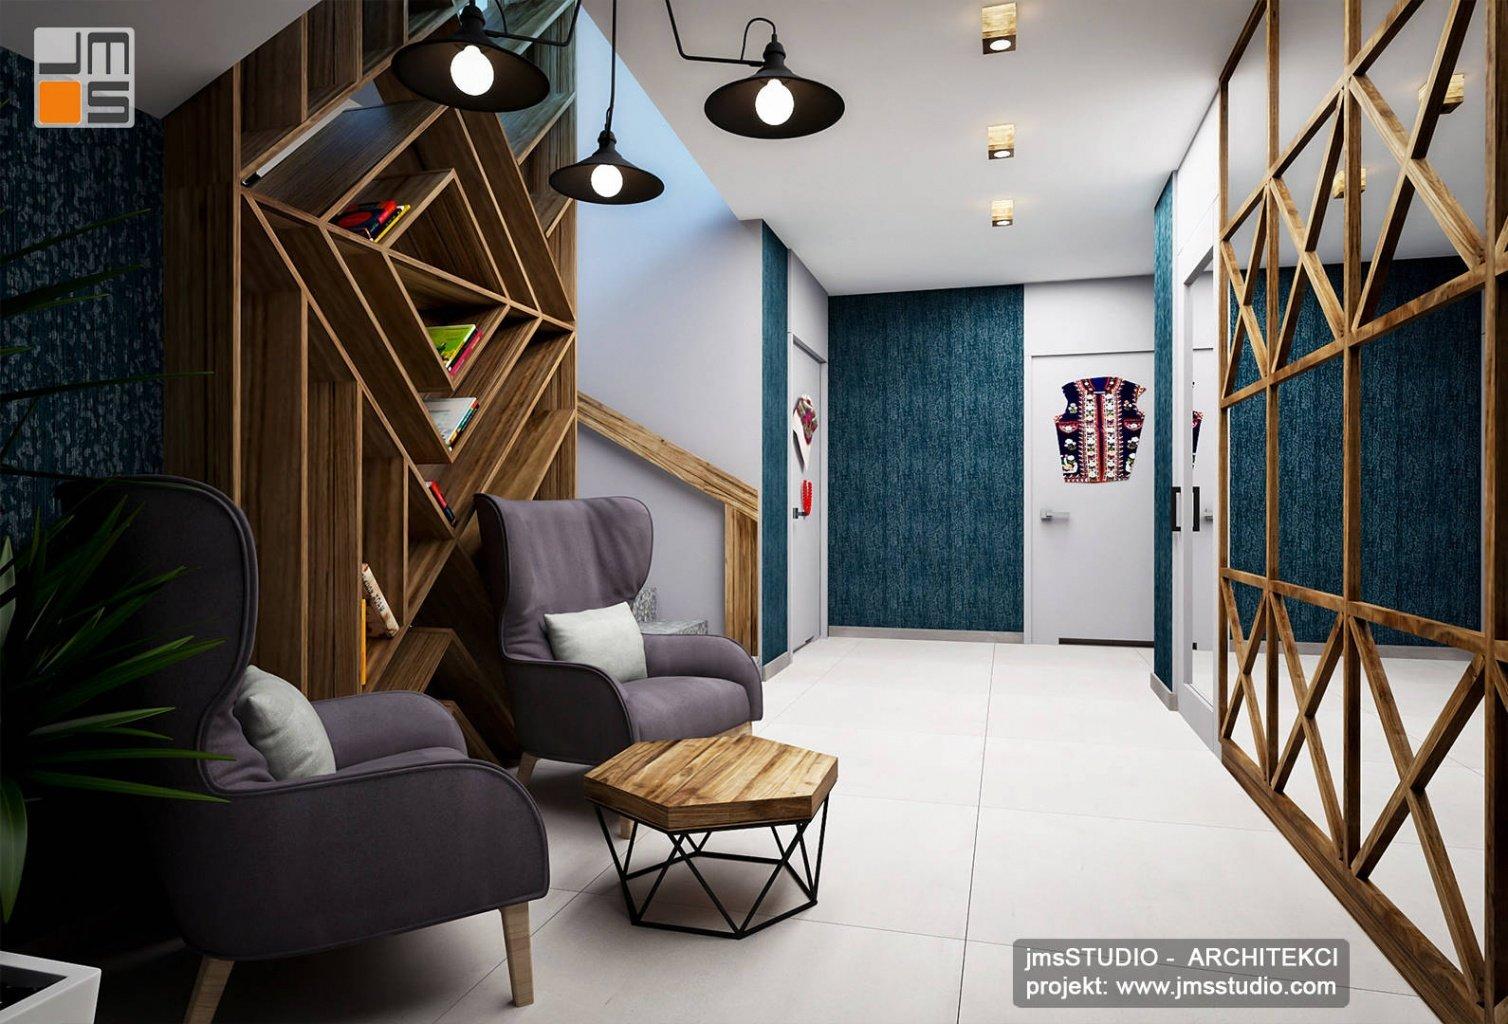 efektowna półka drewniana w przestrzeni holu przed toaletami w projekt wnętrz przez architekt Kraków